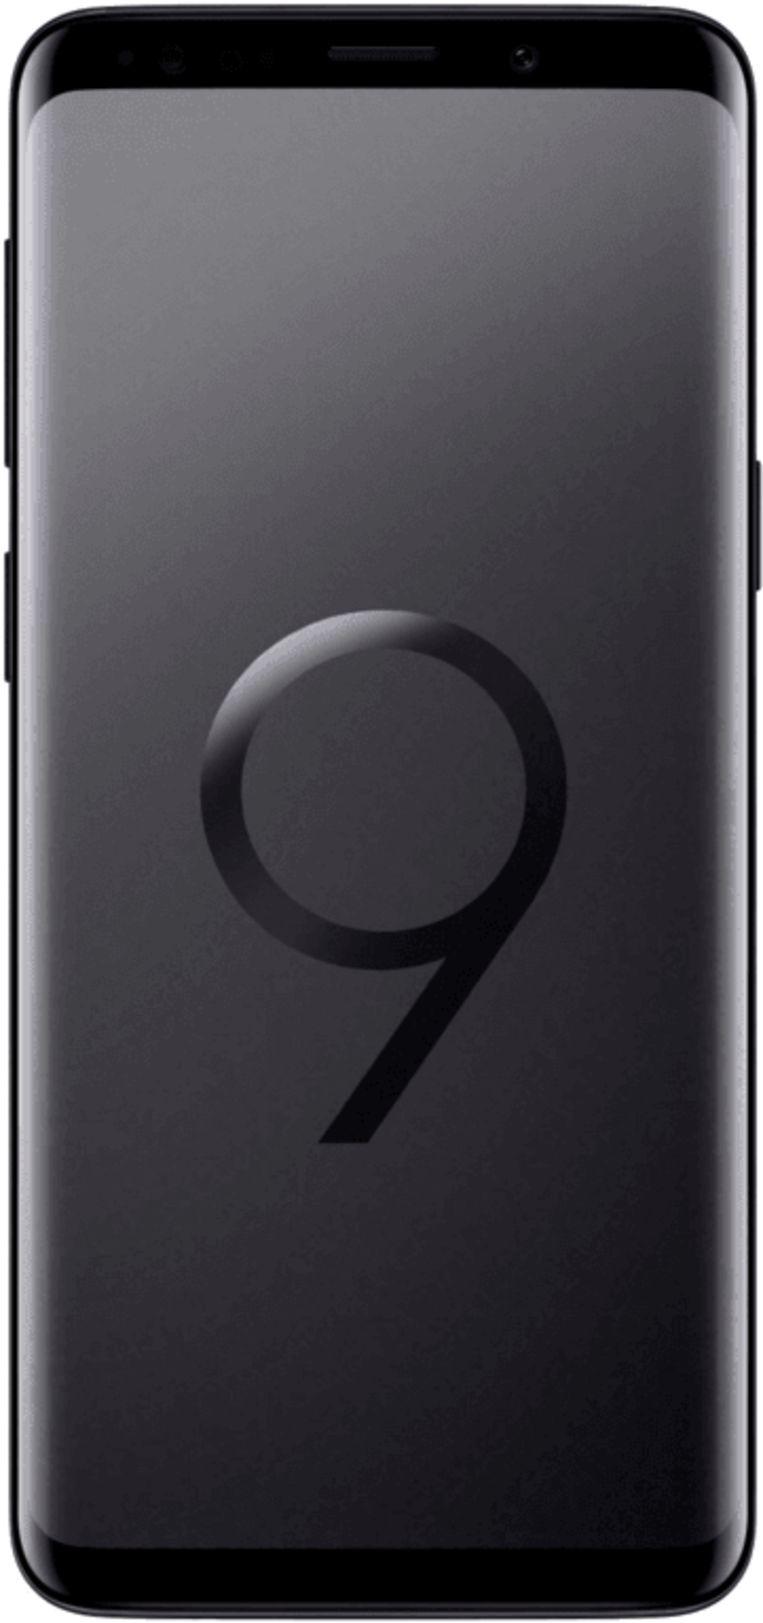 De Samsung Galaxy S9. Beeld Samsung